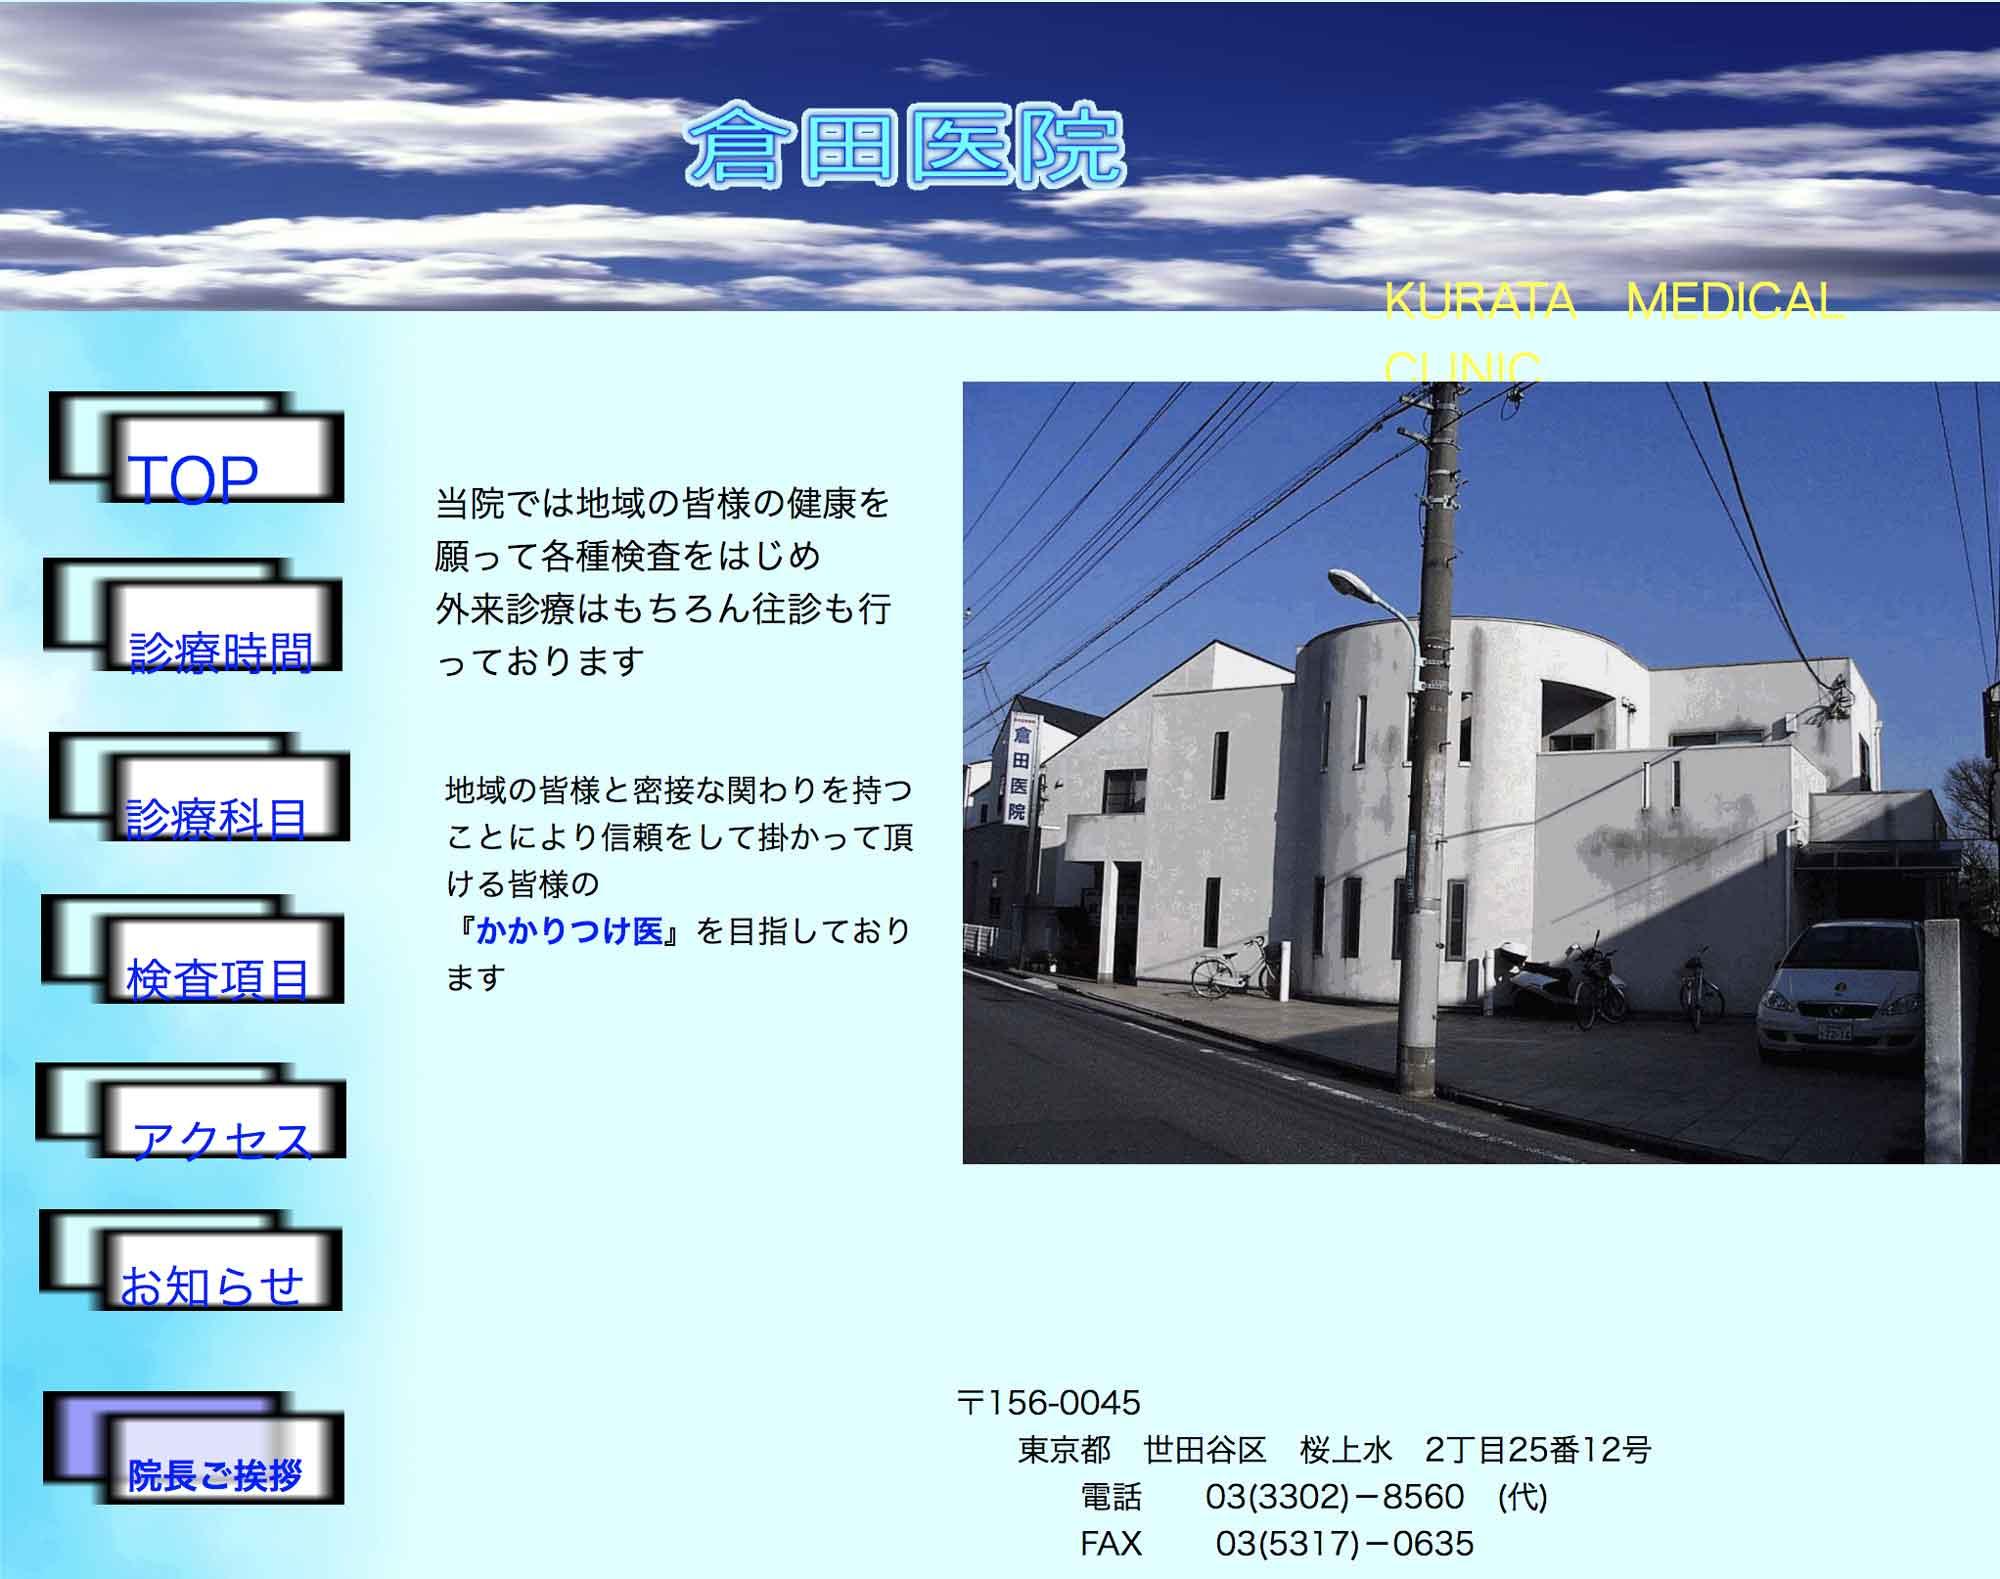 ホームページ作品 before→After:倉田医院